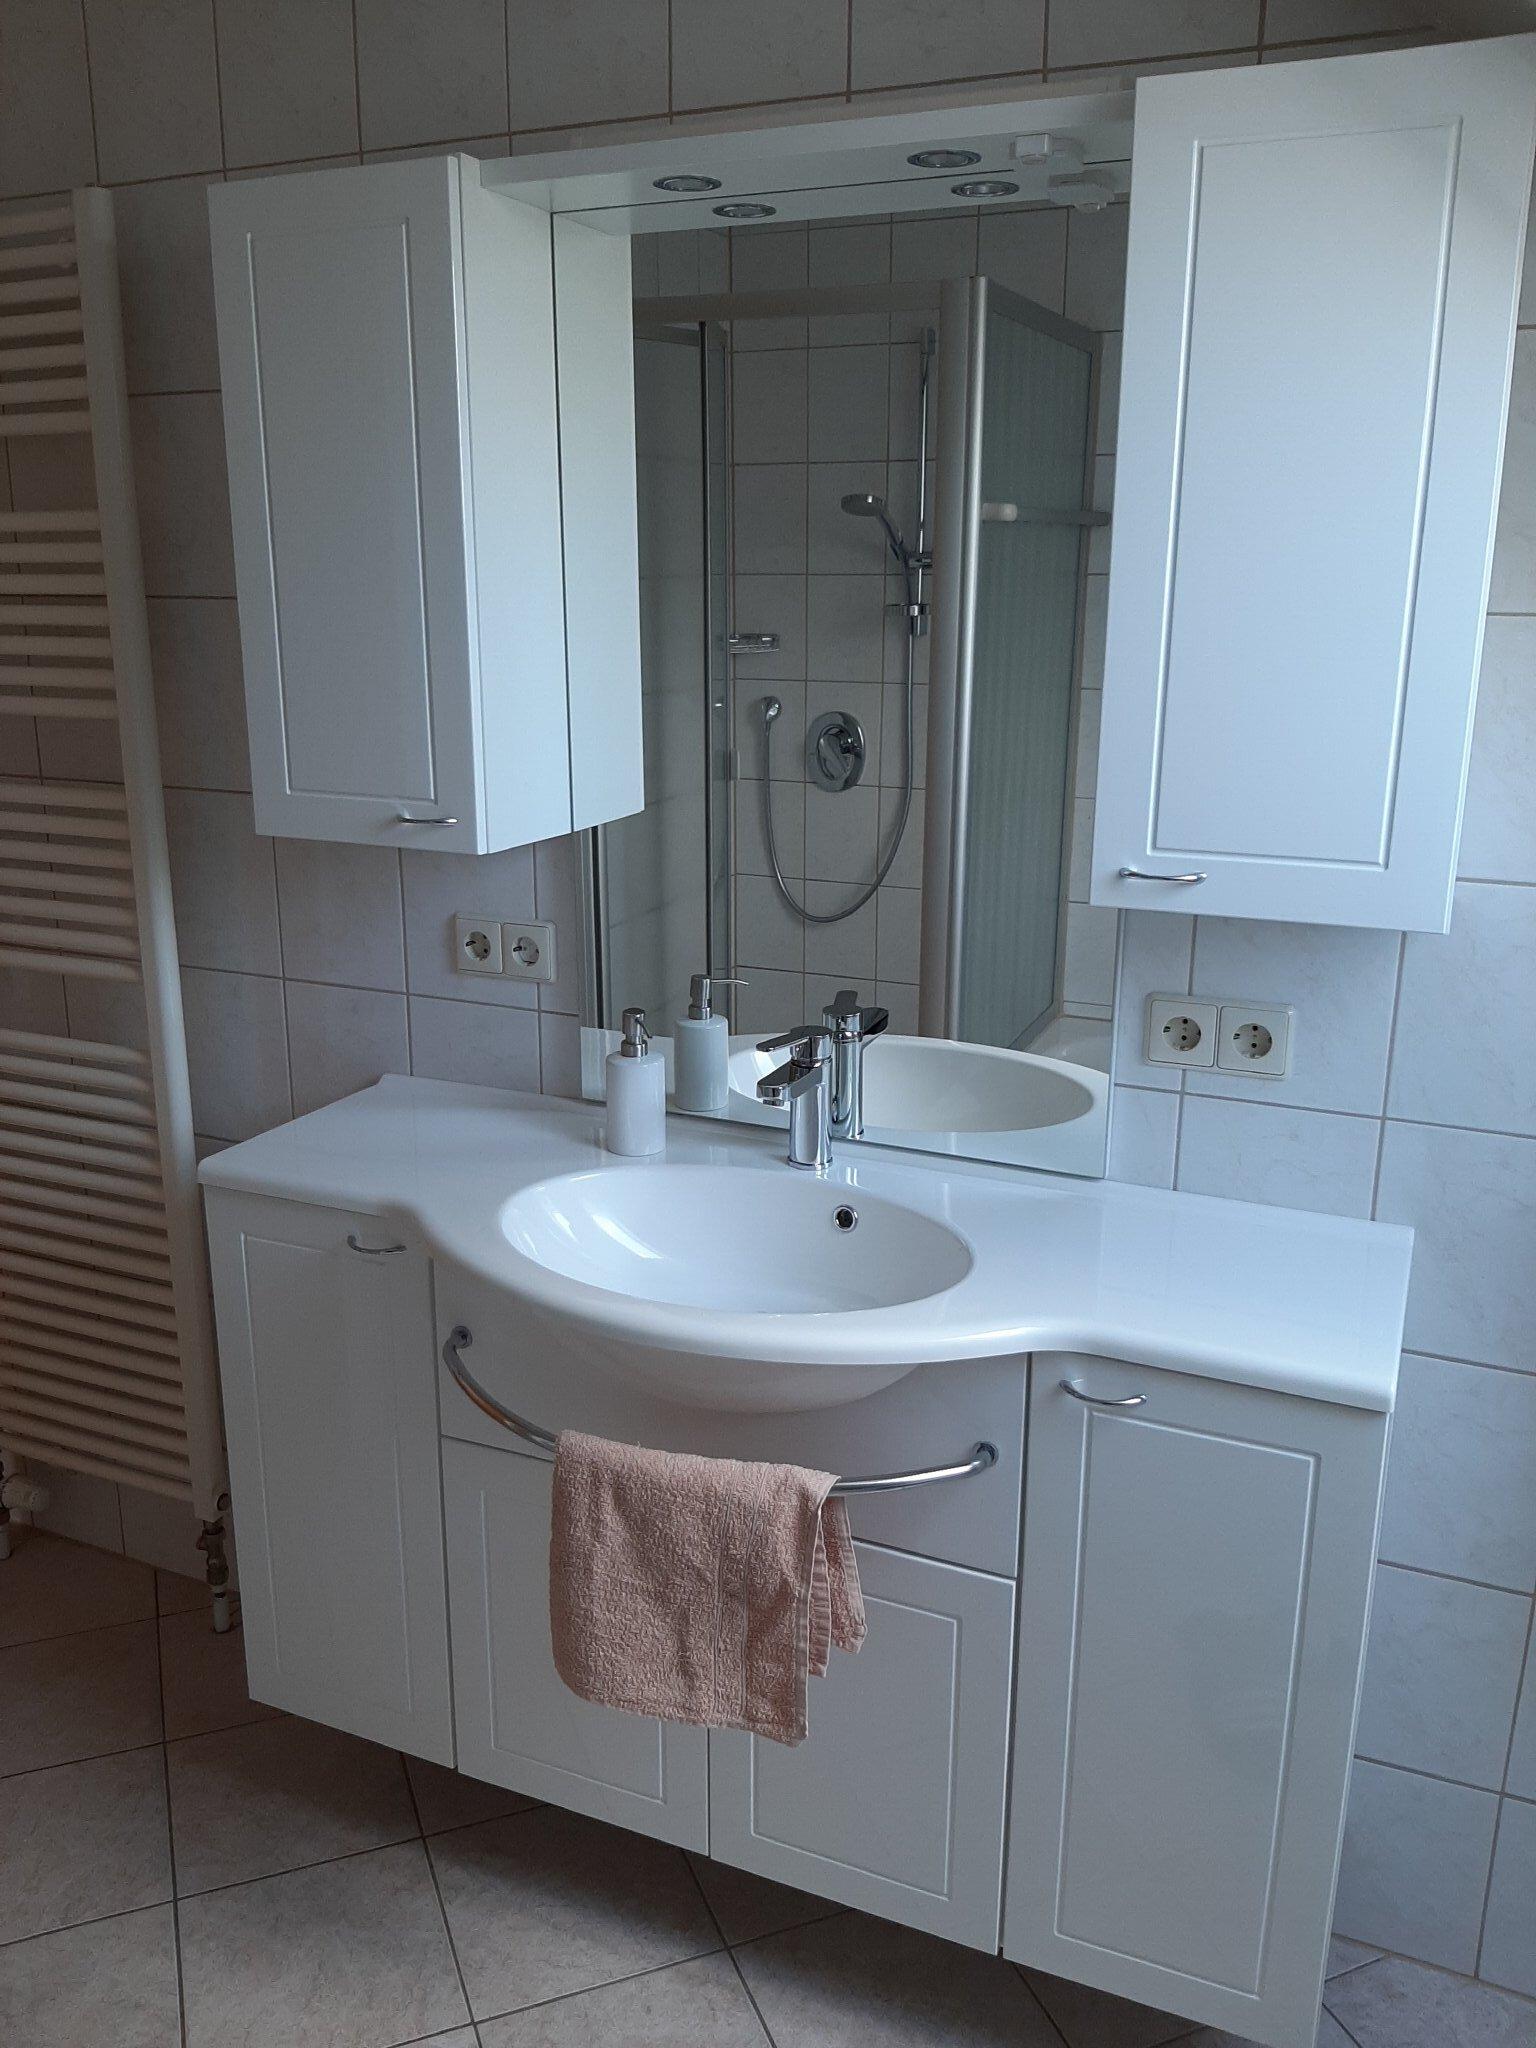 Handtücher und WC- papier gehören dazu